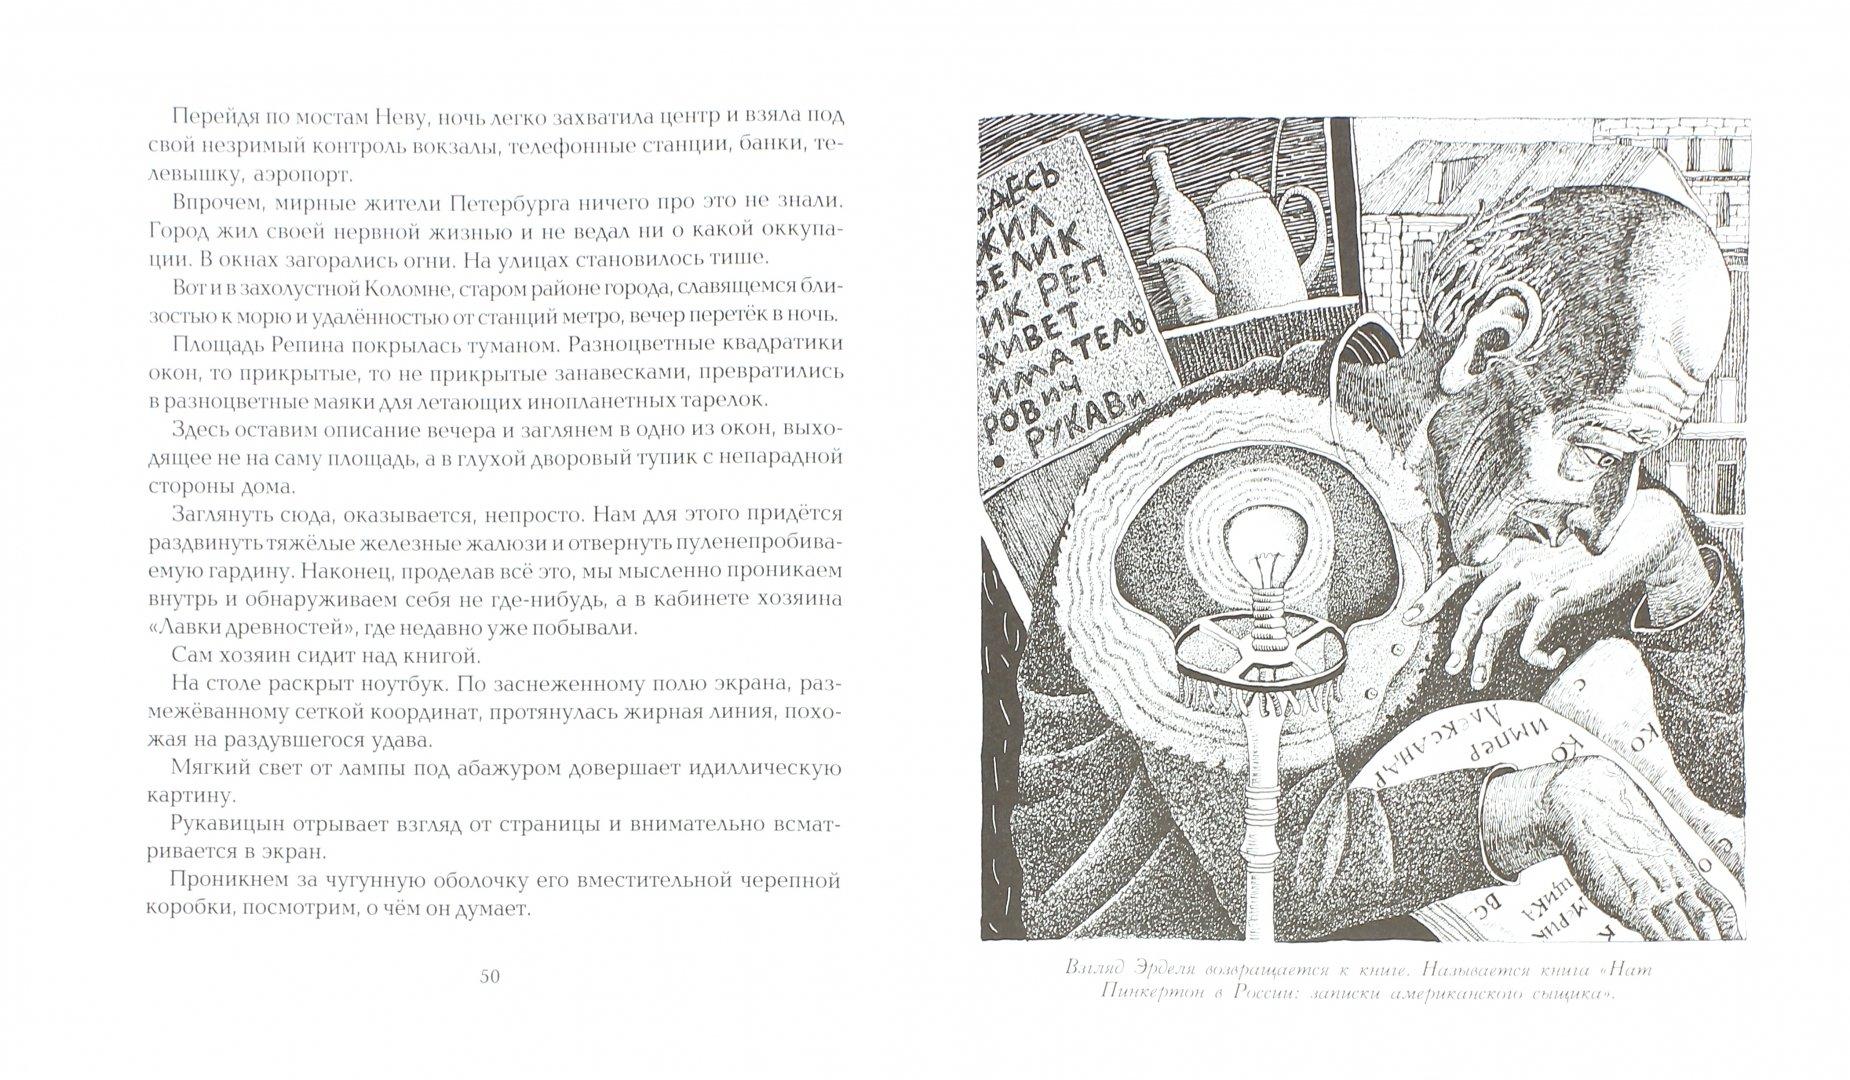 Иллюстрация 1 из 37 для Правило левой ноги - Александр Етоев | Лабиринт - книги. Источник: Лабиринт